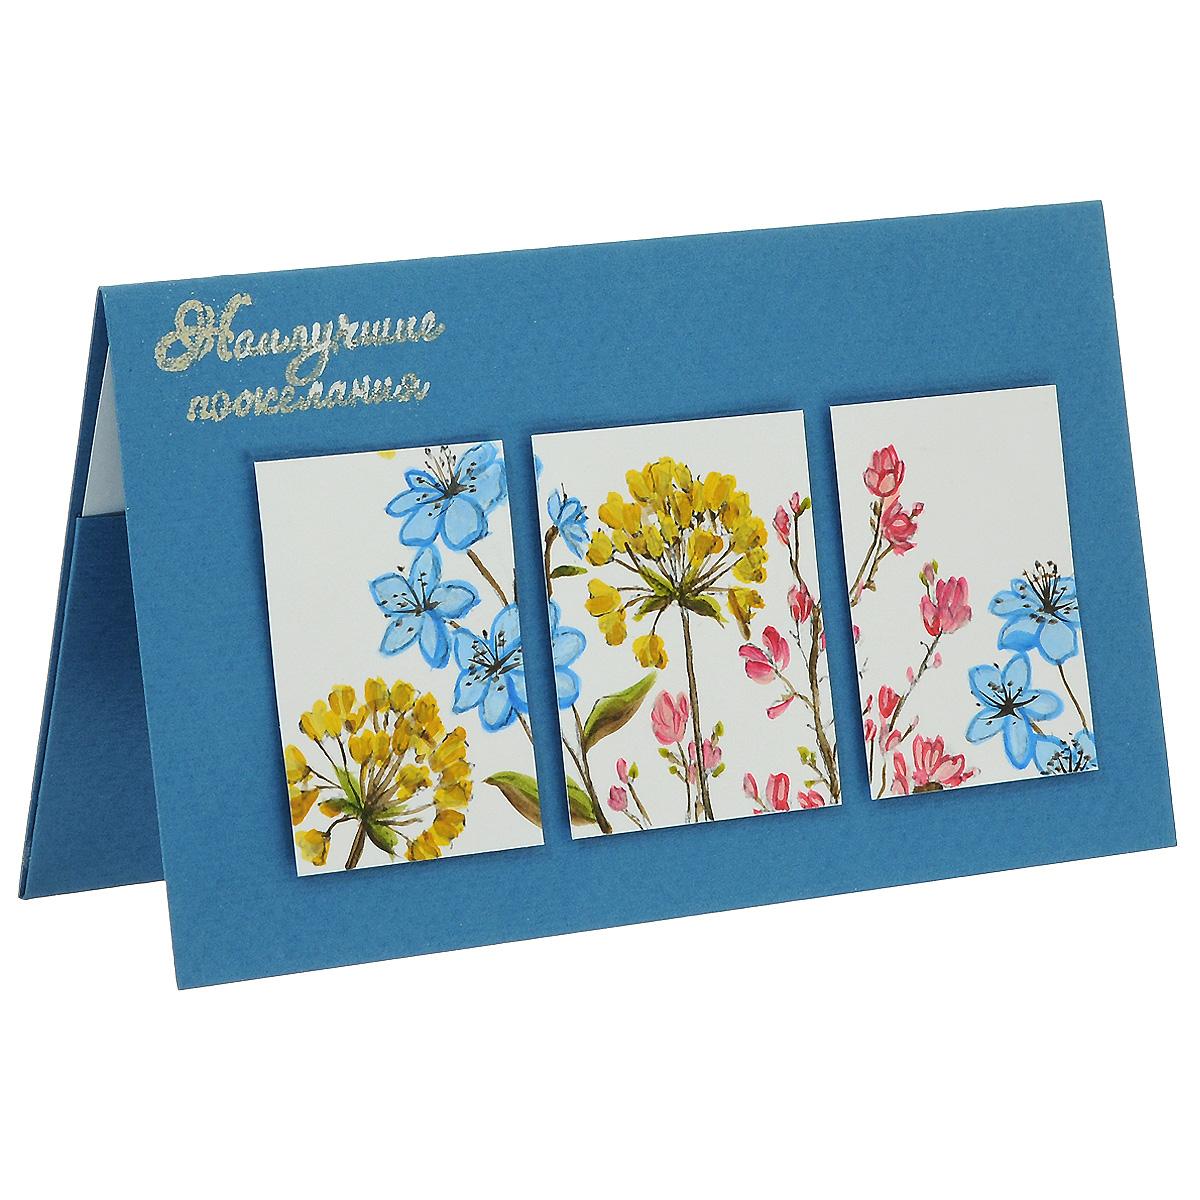 ОЖ-0024Открытка-конверт «Наилучшие пожелания» (триптих голубой). Студия «Тётя Роза»2002783Характеристики: Размер 19 см x 11 см.Материал: Высоко-художественный картон, бумага, декор. Данная открытка может стать как прекрасным дополнением к вашему подарку, так и самостоятельным подарком. Так как открытка является и конвертом, в который вы можете вложить ваш денежный подарок или просто написать ваши пожелания на вкладыше. Дизайн этой открытки сложился из использования рукописного триптиха с цветочным мотивом полевых трав. В простоте решения этого поздравления заложена выразительность восприятия. Цветы прорисованы вручную акриловыми красками. Надпись выполнена в технике горячего термоподъема. Также открытка упакована в пакетик для сохранности.Обращаем Ваше внимание на то, что открытка может незначительно отличаться от представленной на фото.Открытки ручной работы от студии Тётя Роза отличаются своим неповторимым и ярким стилем. Каждая уникальна и выполнена вручную мастерами студии. (Открытка для мужчин, открытка для женщины, открытка на день рождения, открытка с днем свадьбы, открытка винтаж, открытка с юбилеем, открытка на все случаи, скрапбукинг)